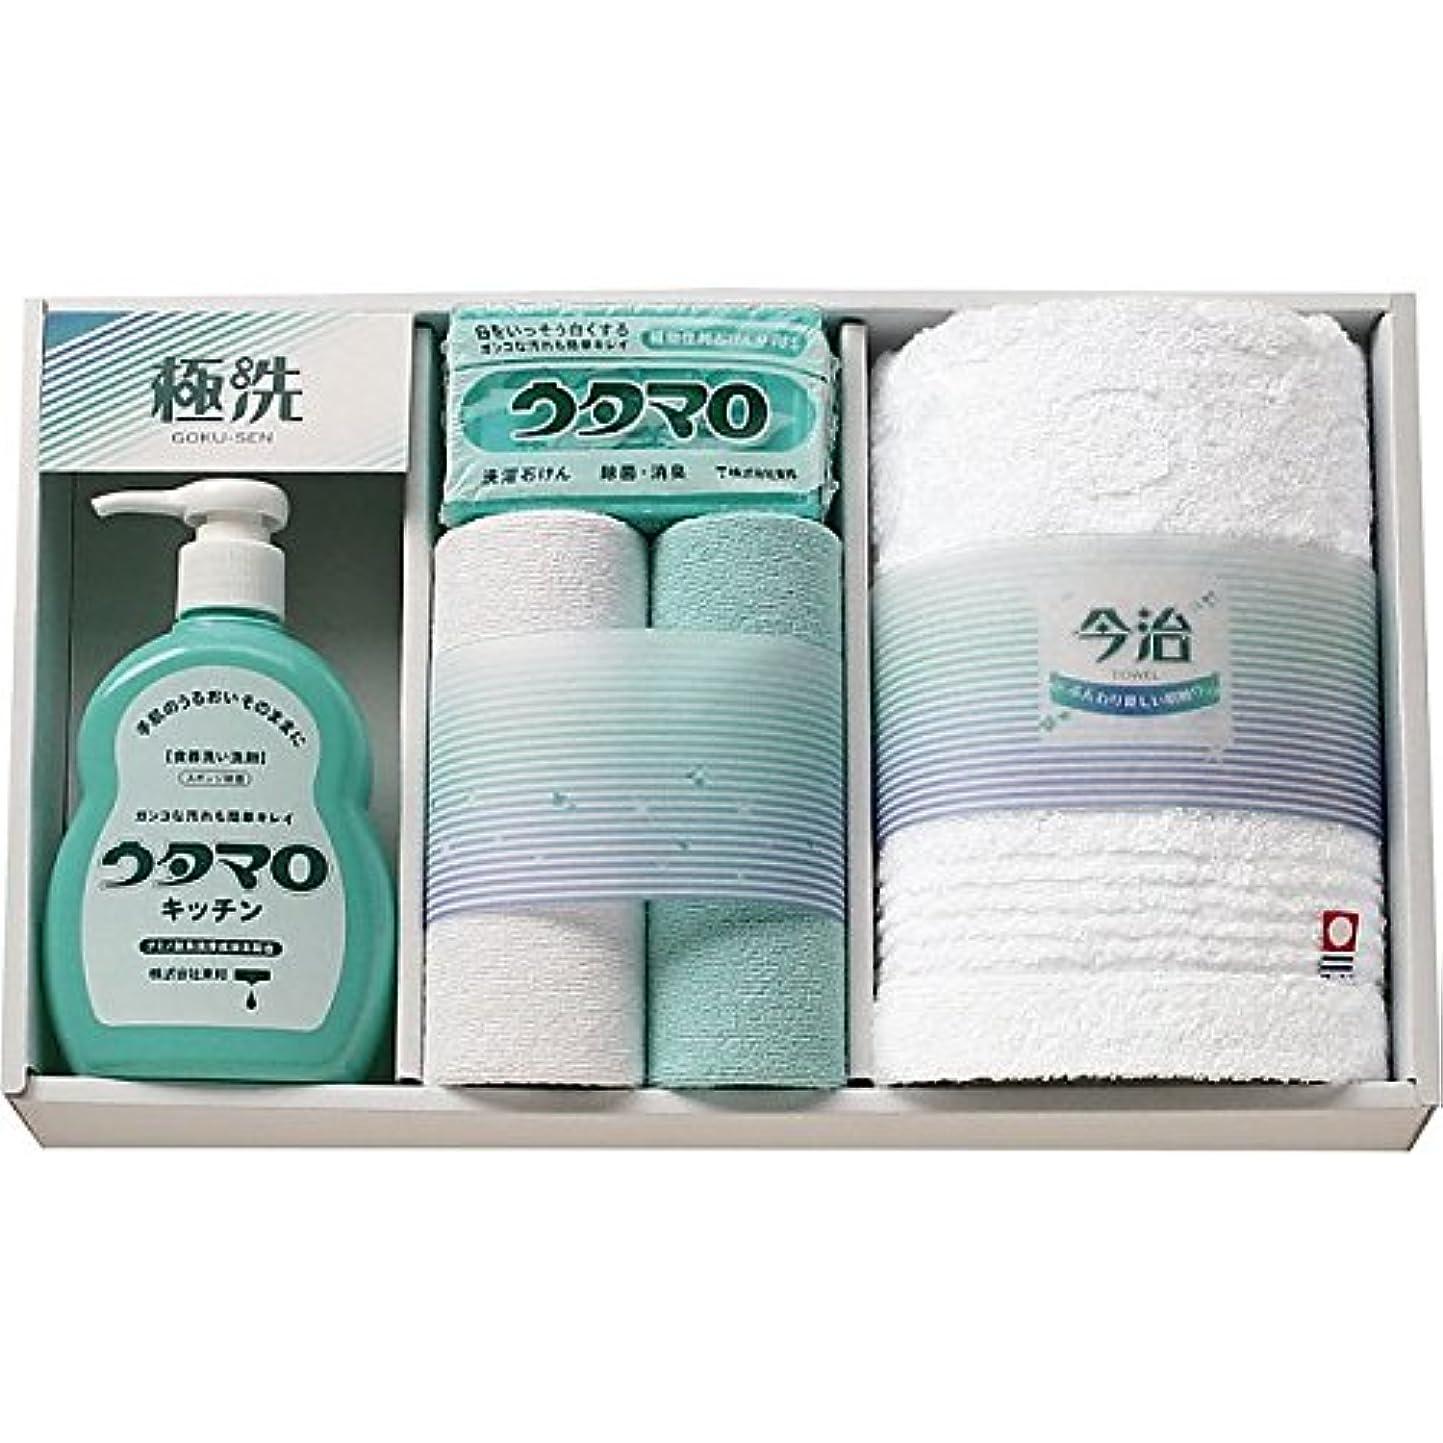 スリンク差別化する見落とす( ウタマロ ) 石鹸?キッチン洗剤ギフト ( 835-1055r )